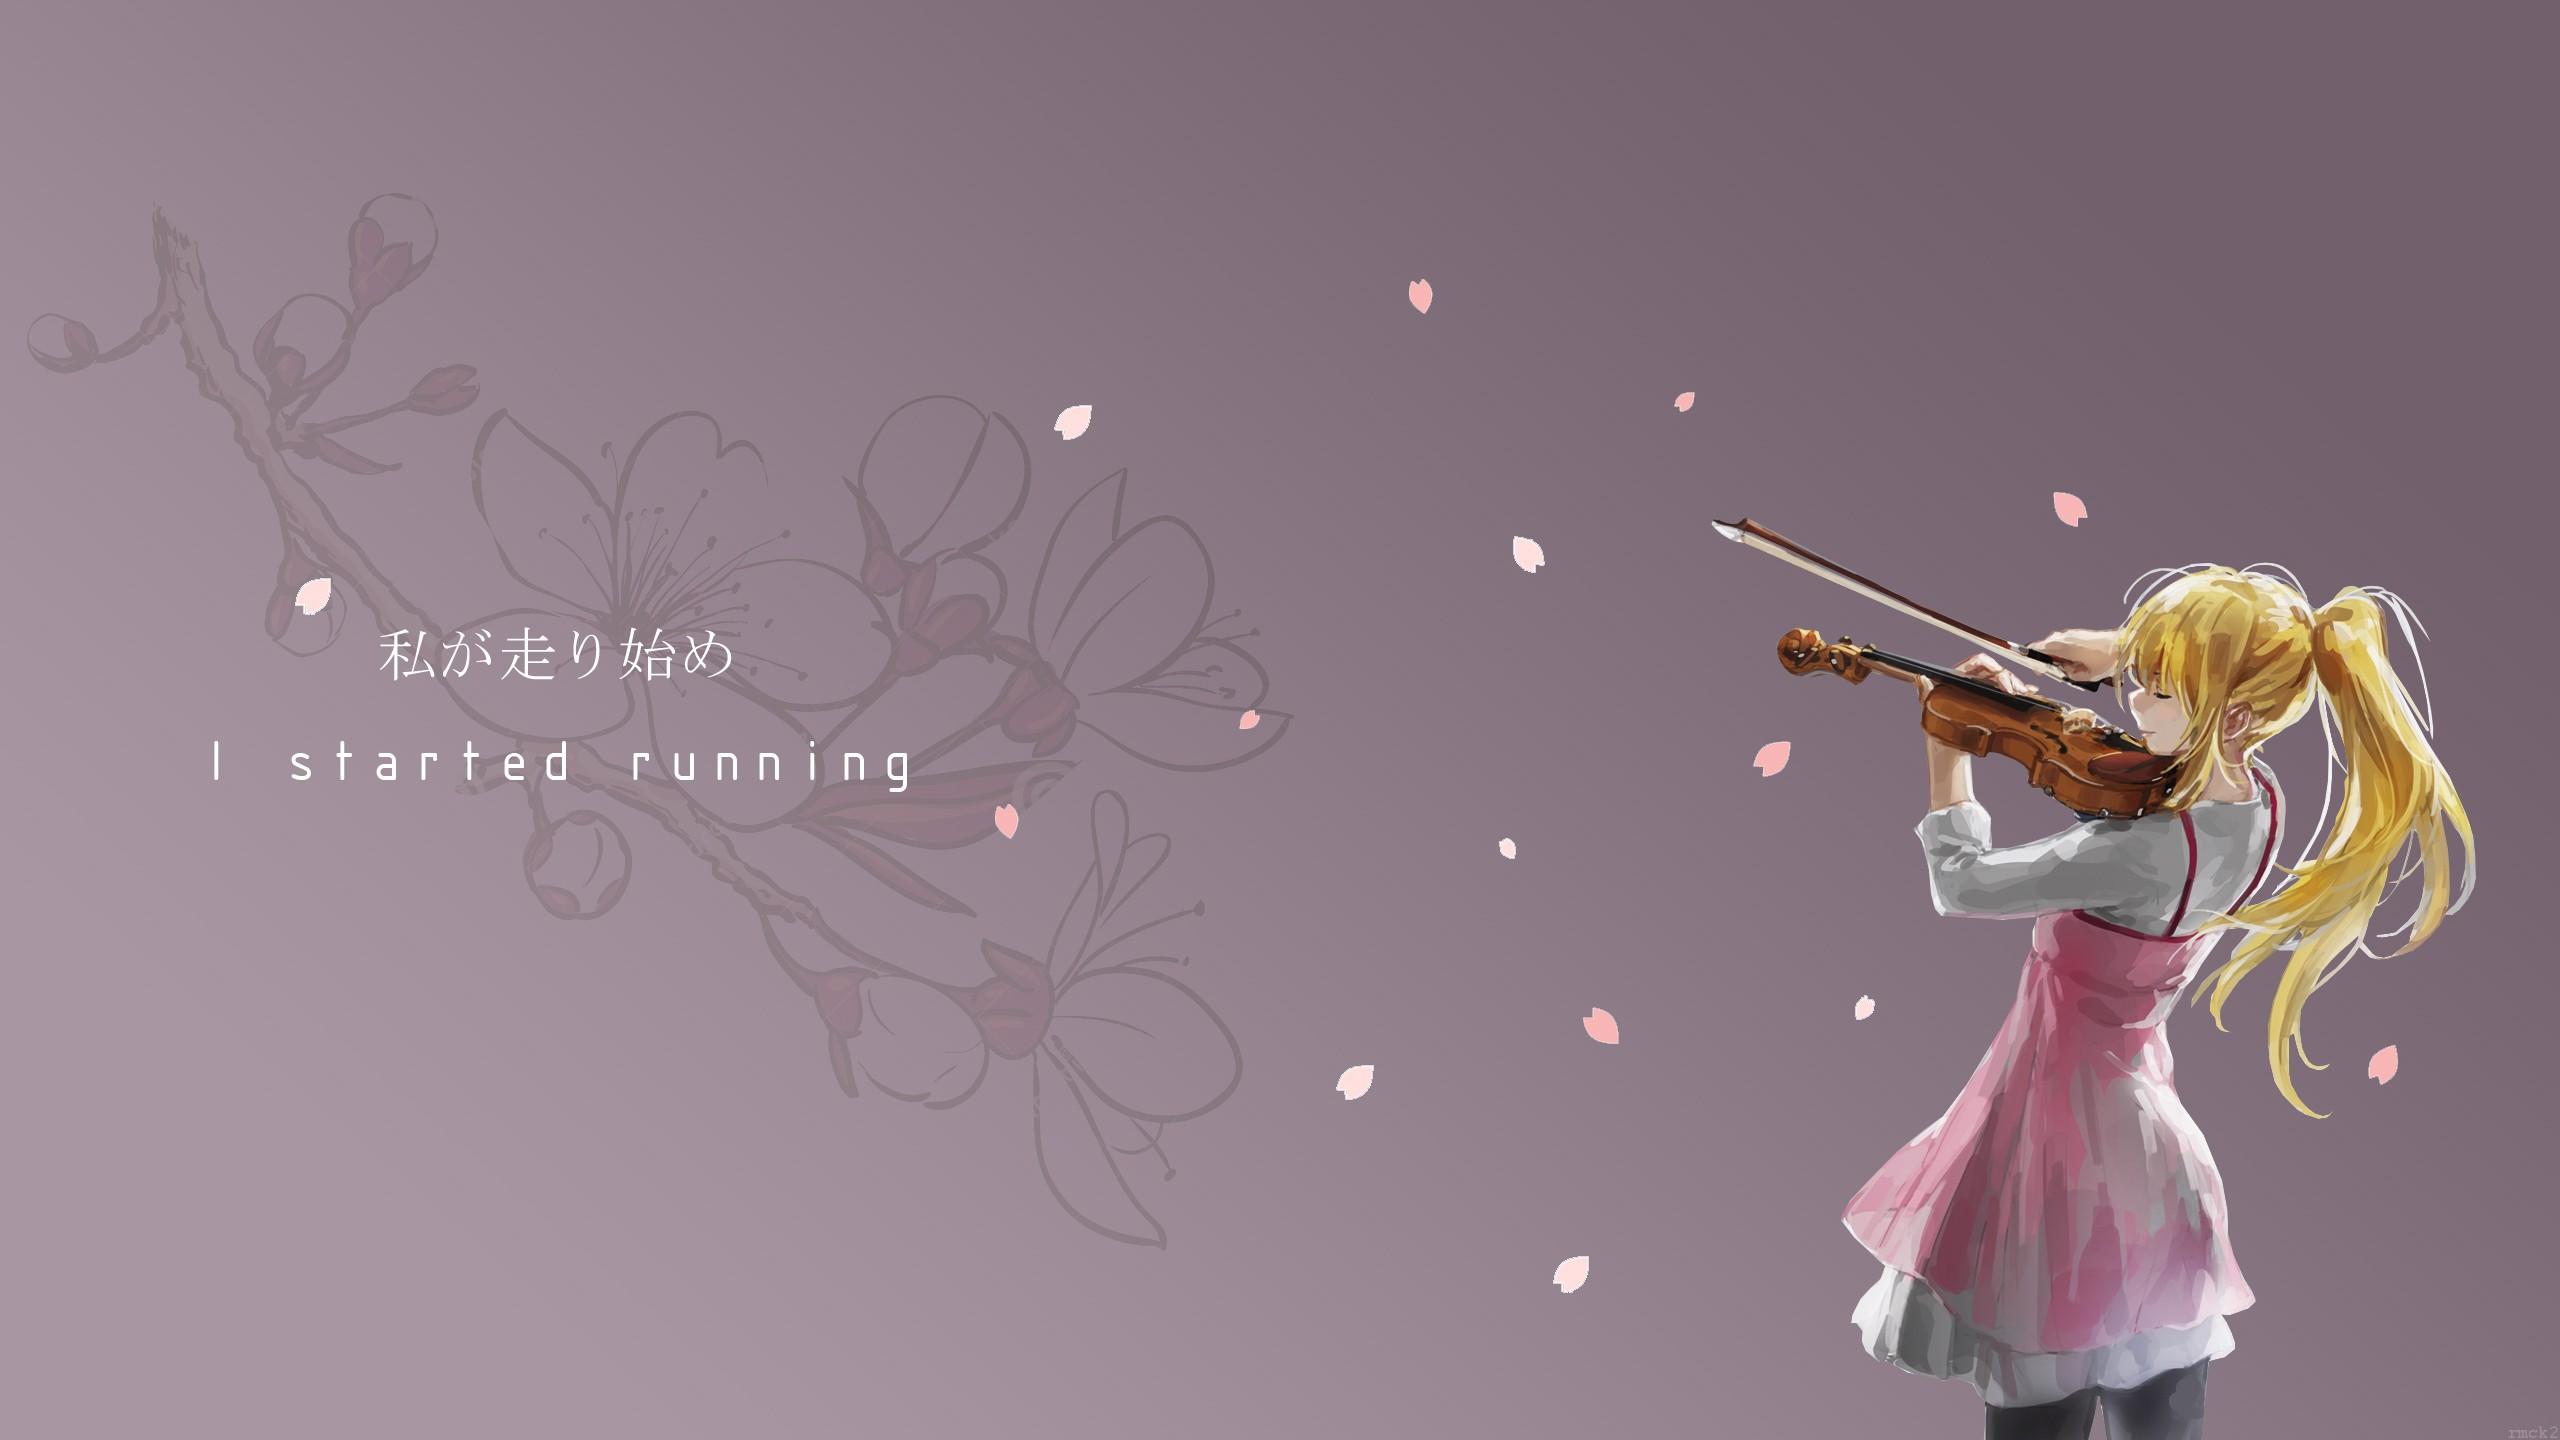 Download 4200 Wallpaper Wa Full Hd HD Paling Keren